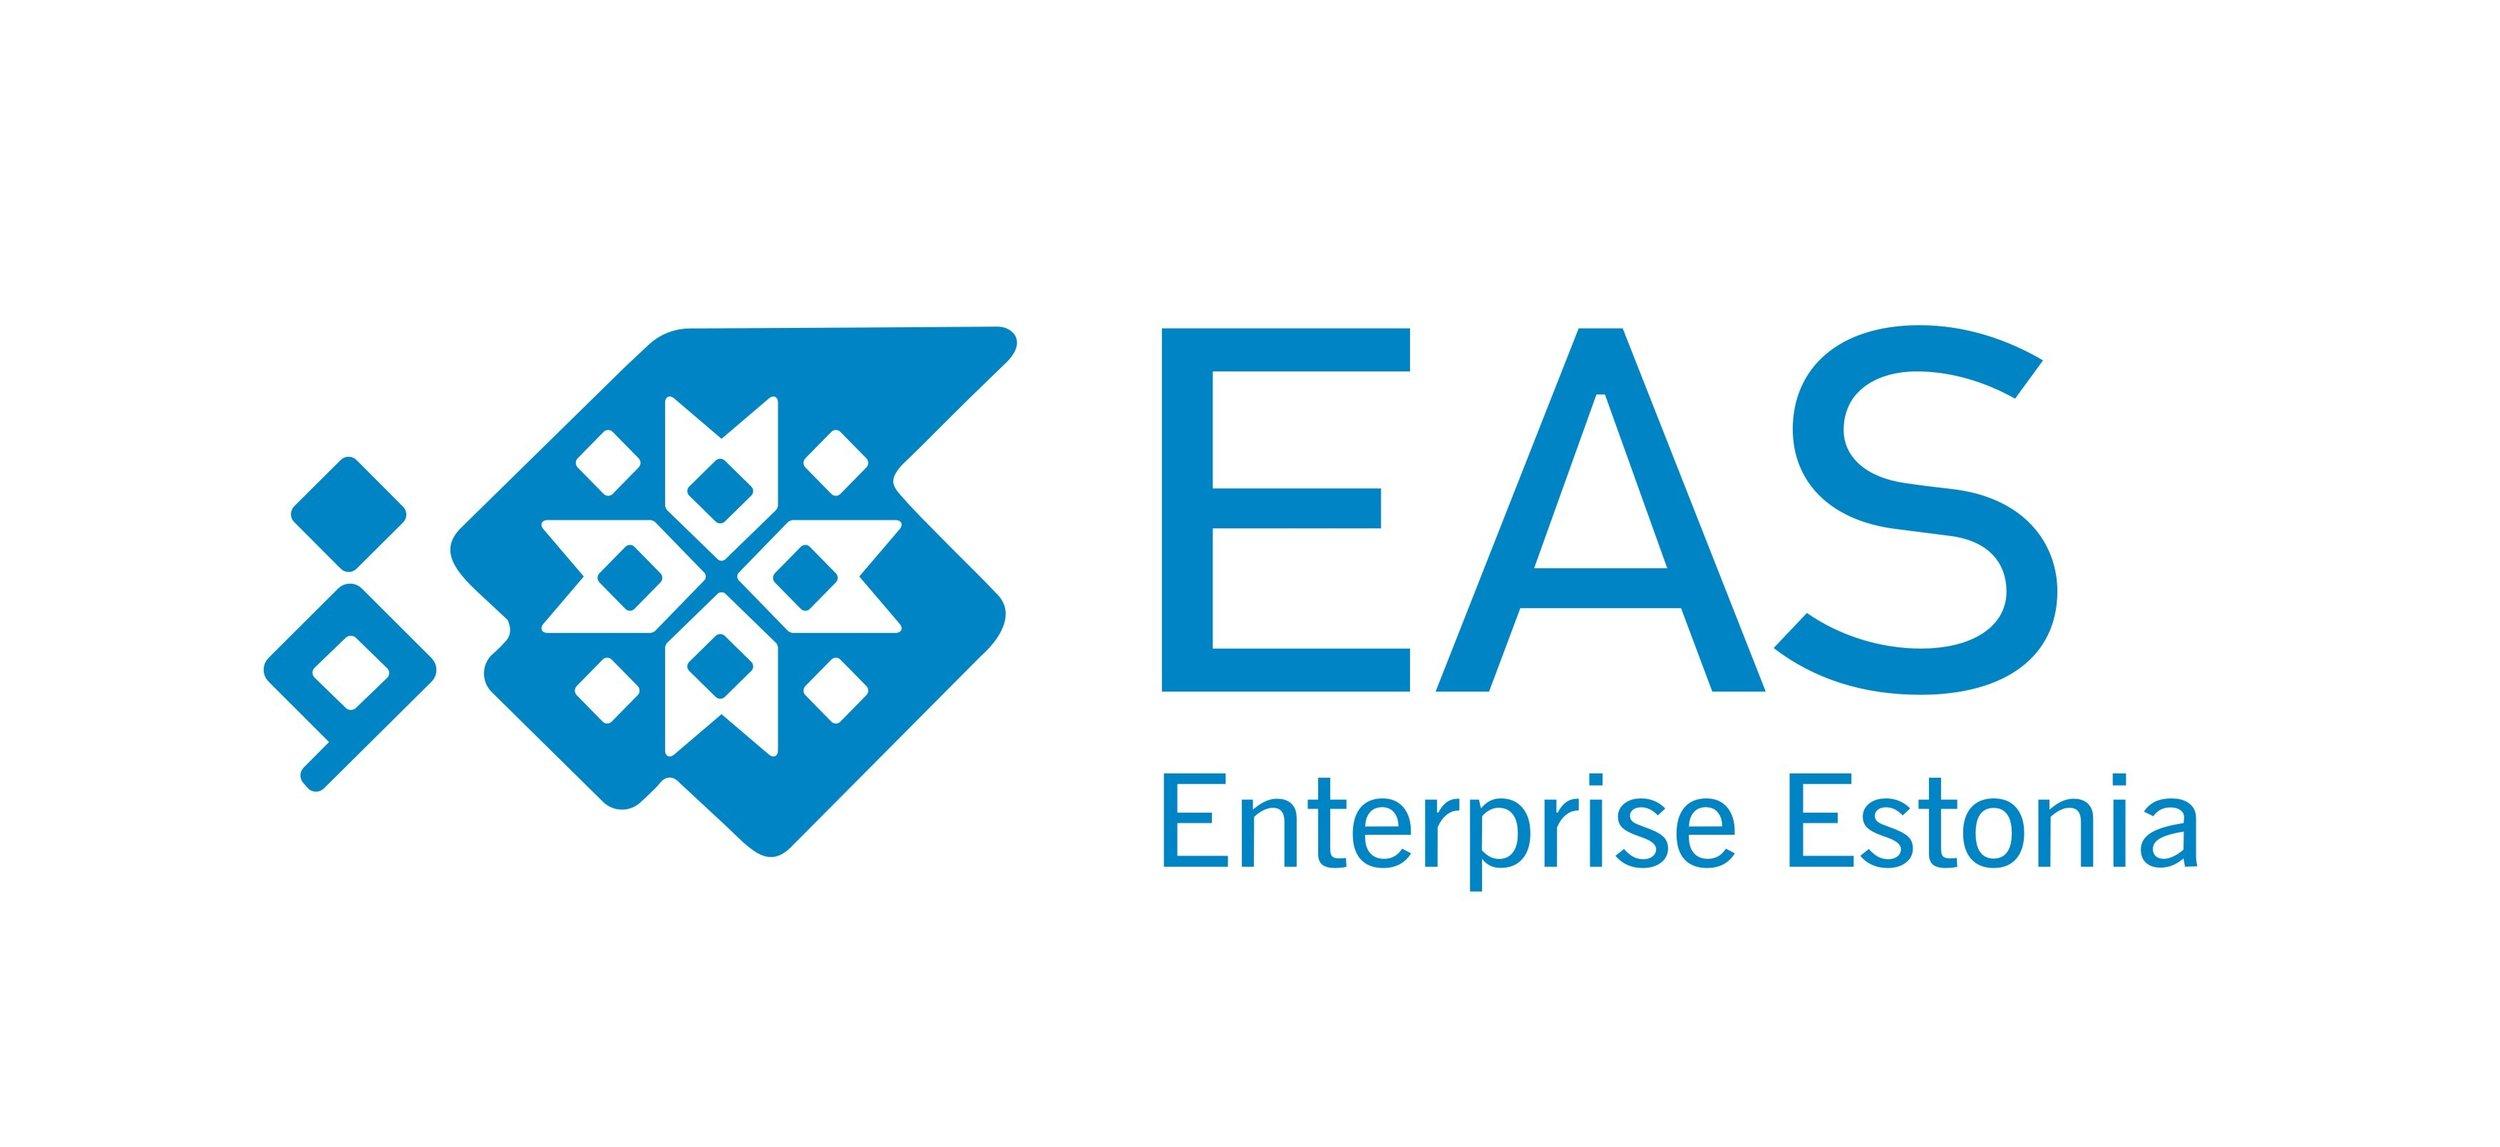 Enterprise-Estonia-1.jpg